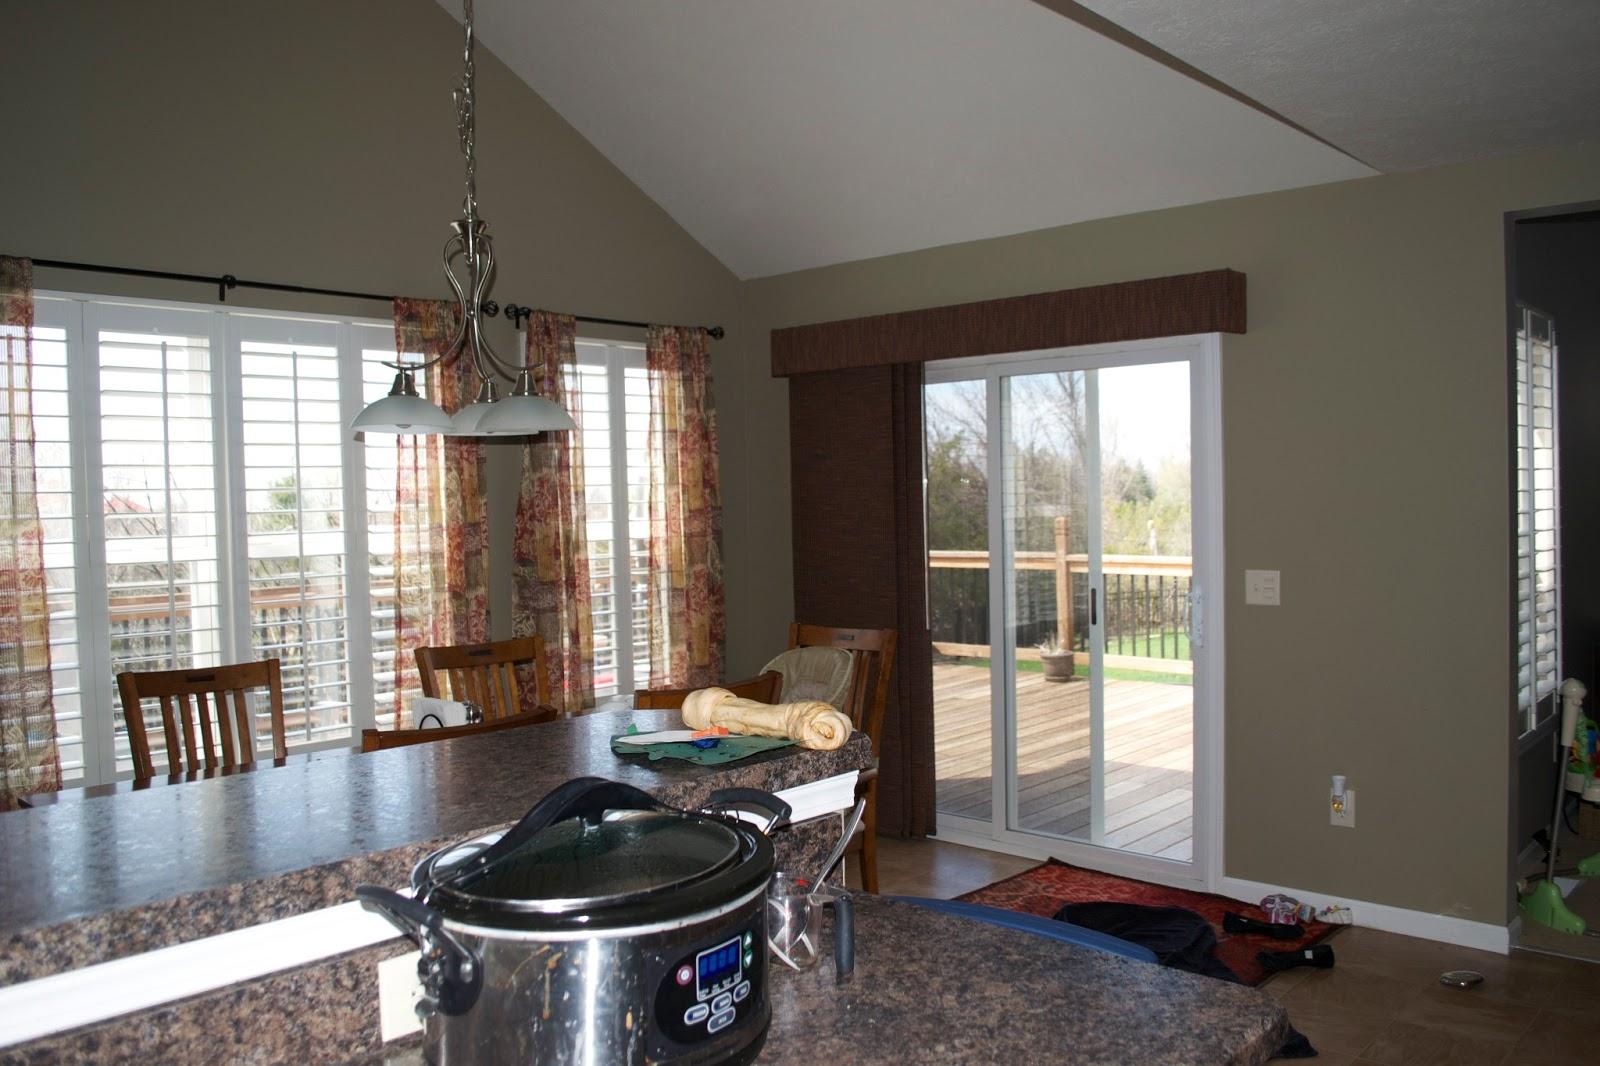 C B I D Home Decor And Design Non Sterile Kitchens